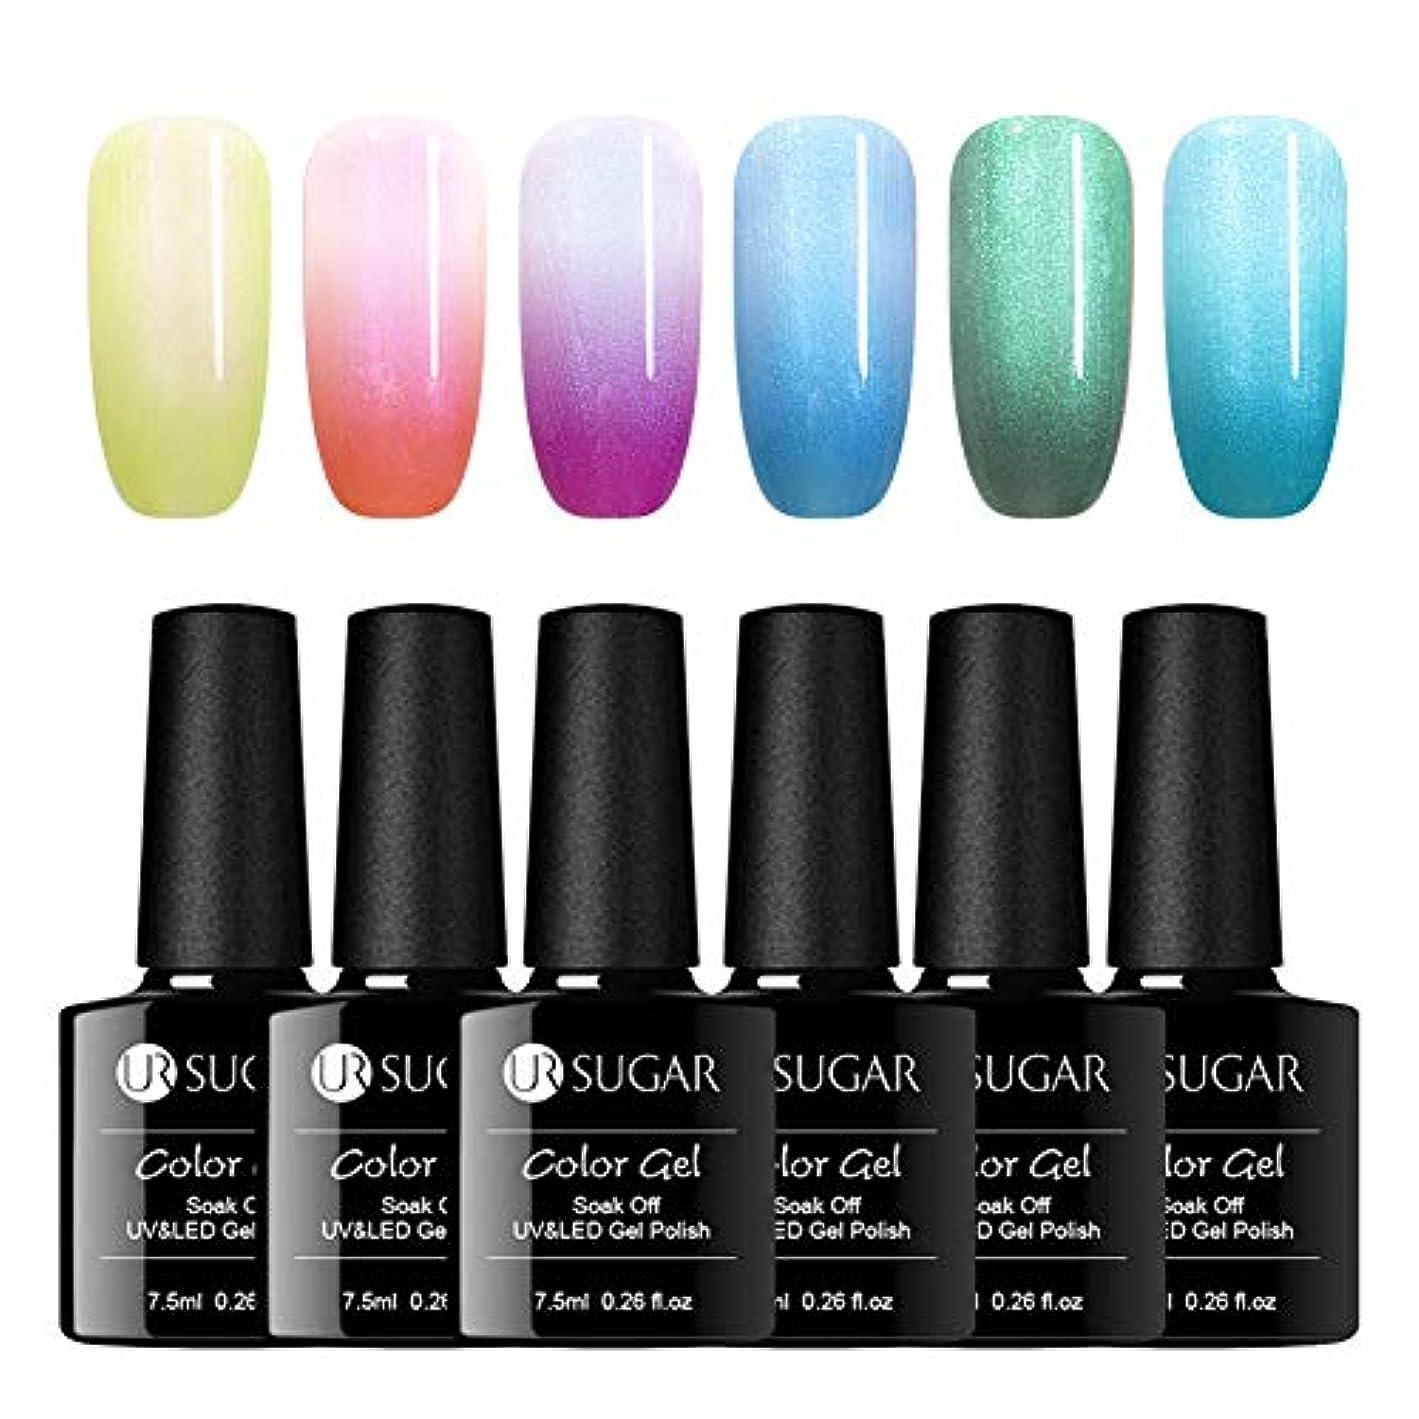 申込み逃げるミサイルUR SUGAR カラージェルセット 温度によって色が変わる パール感あり 夏ネイル 6色セット UV/LED対応 ジェルカラー ネイルアートセルフネイル